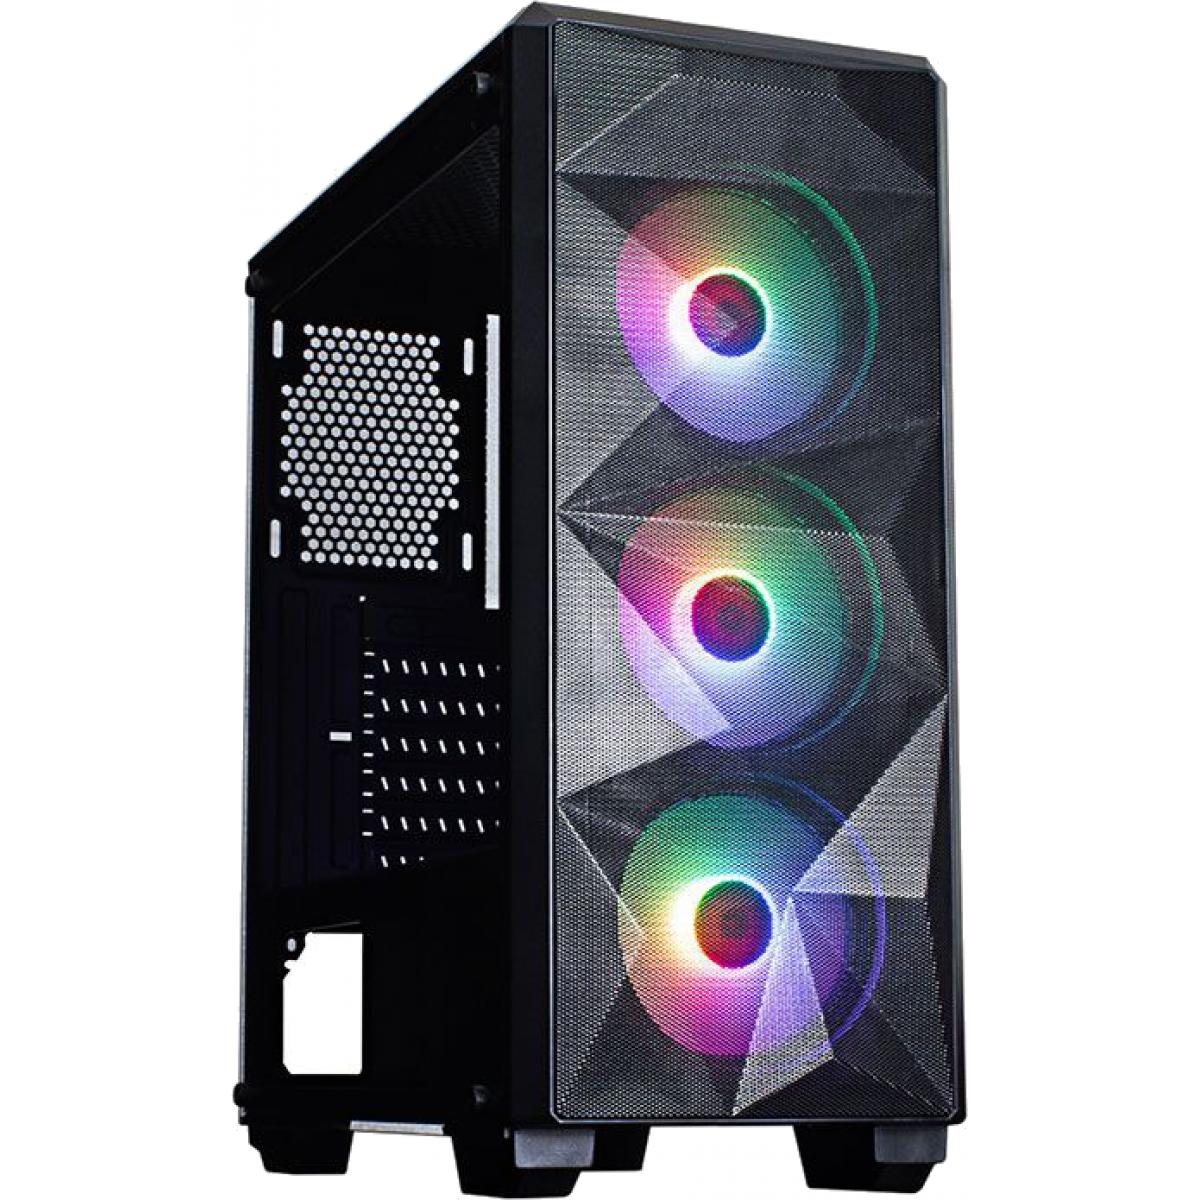 Pc Gamer Tera Edition AMD Ryzen 5 3600 / Radeon RX 580 8GB / DDR4 8GB / HD 1TB / 600W